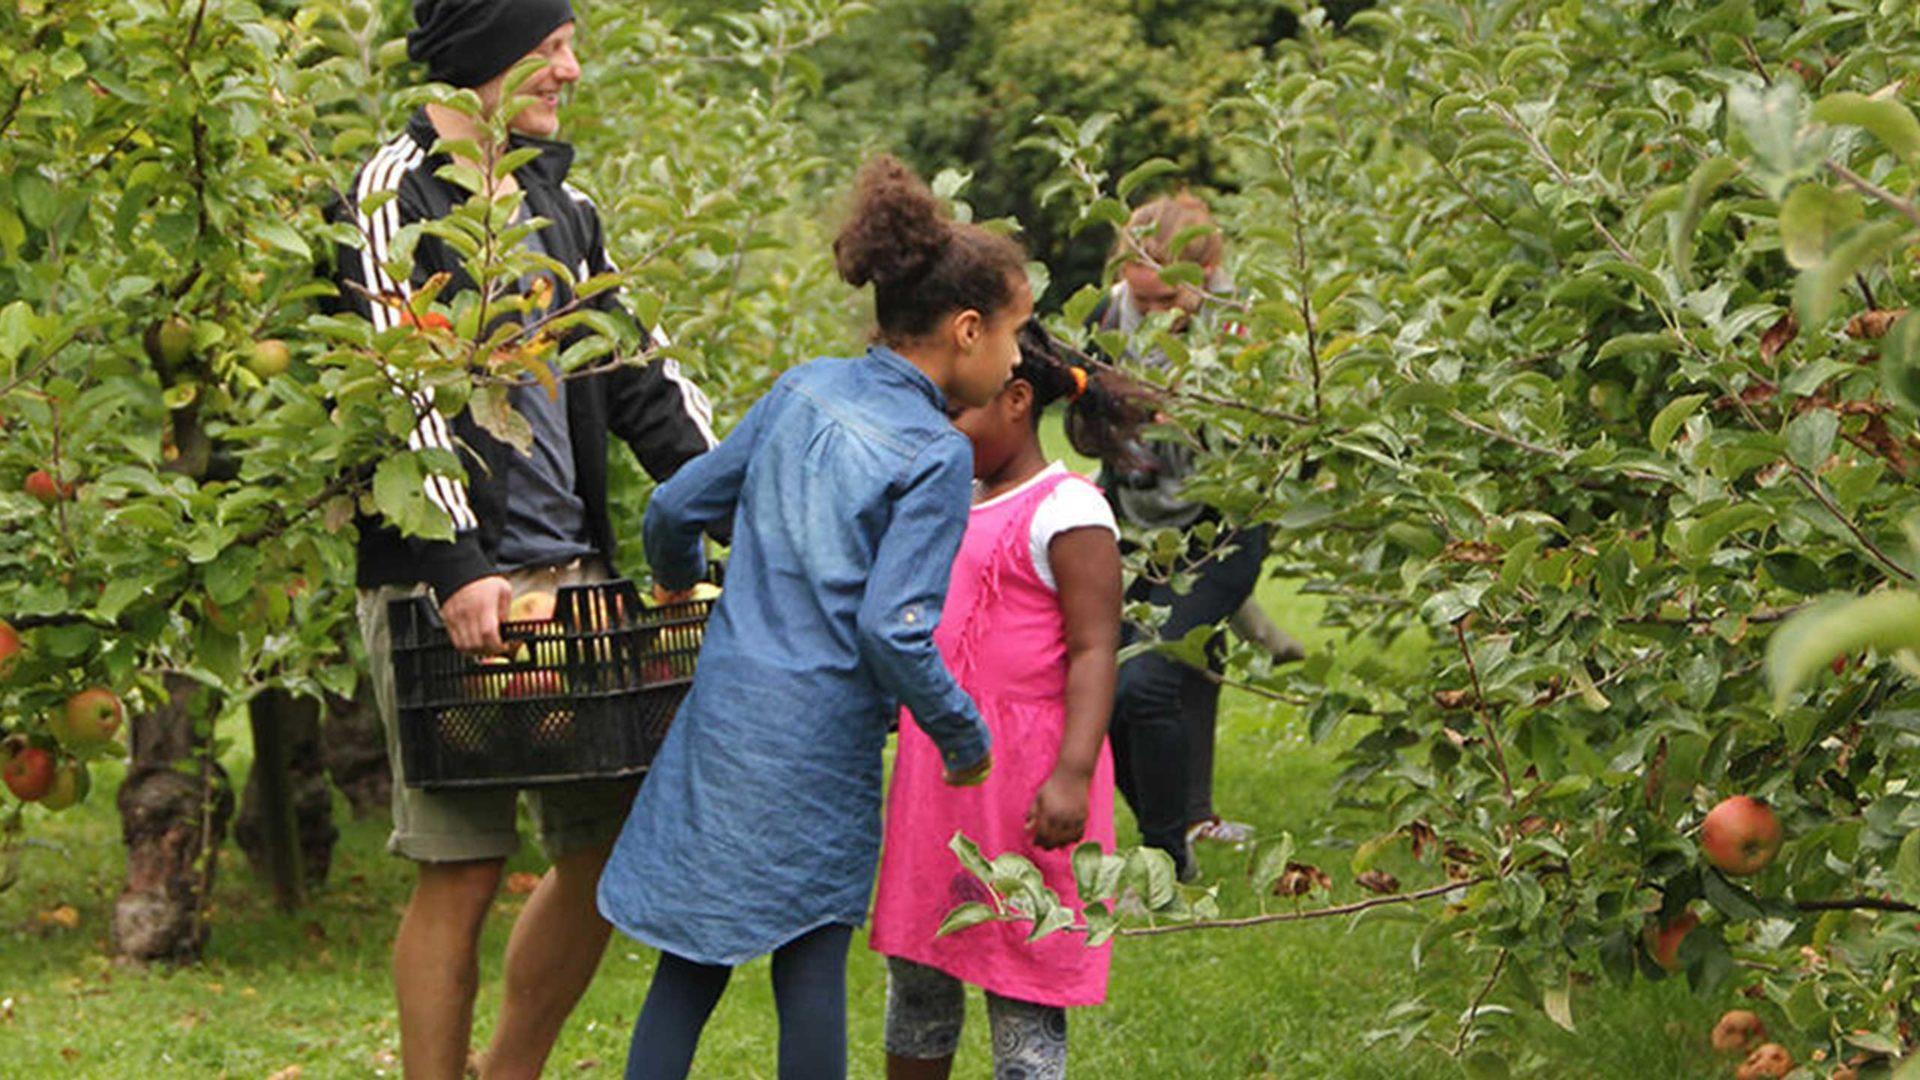 Mitten in der Apfelplantage laufen Kinder und sammeln Streuobst.